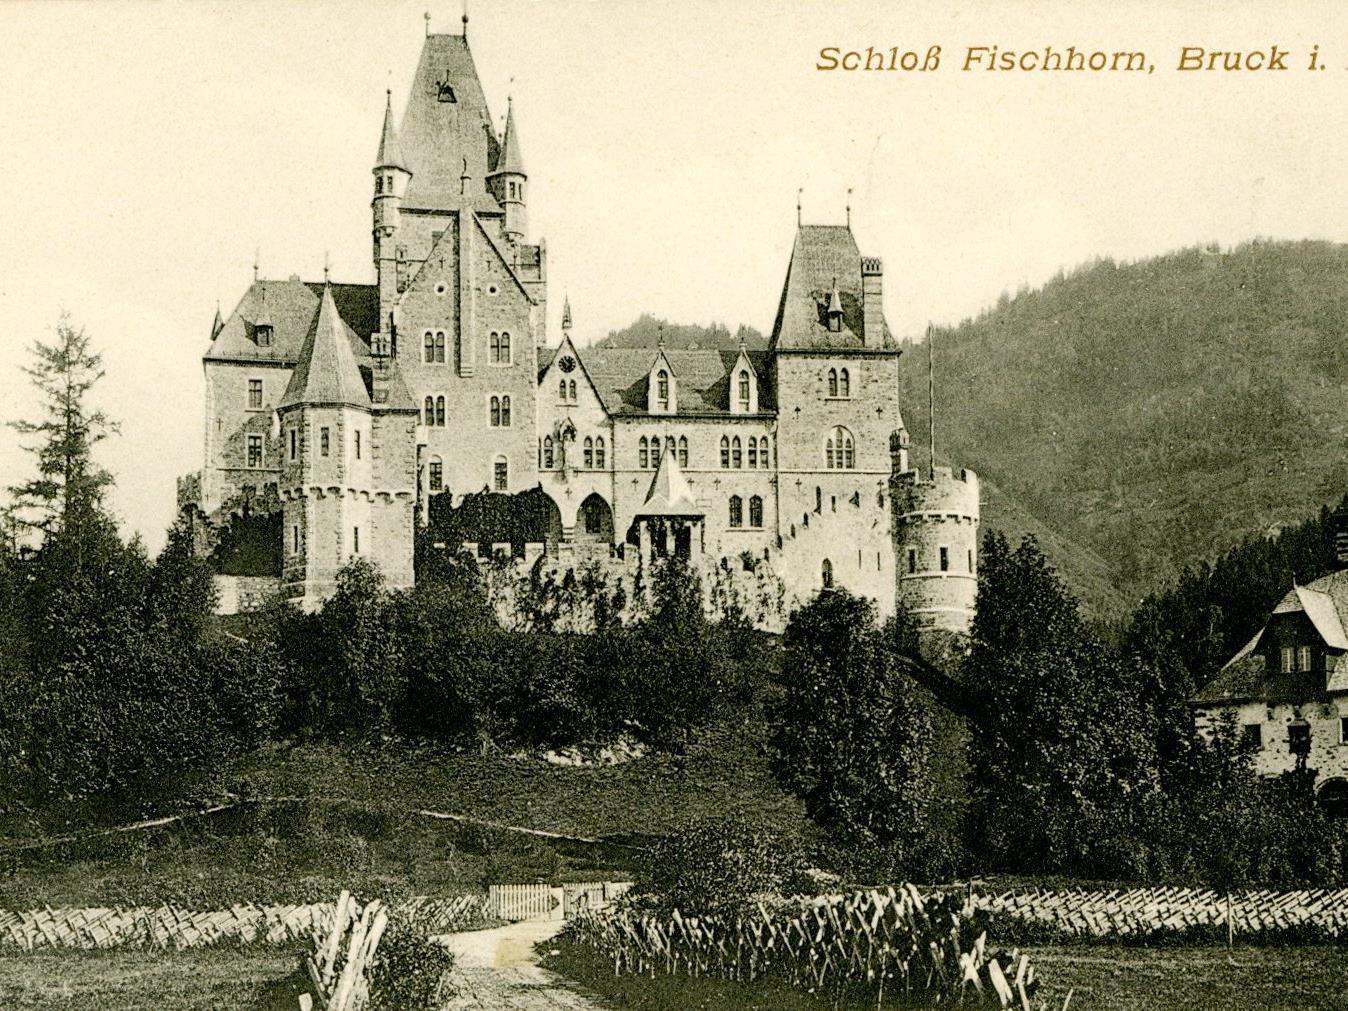 Schloss Fischhorn diente während des Zweiten Weltkriegs als Depot für geraubte Kunstschätze.